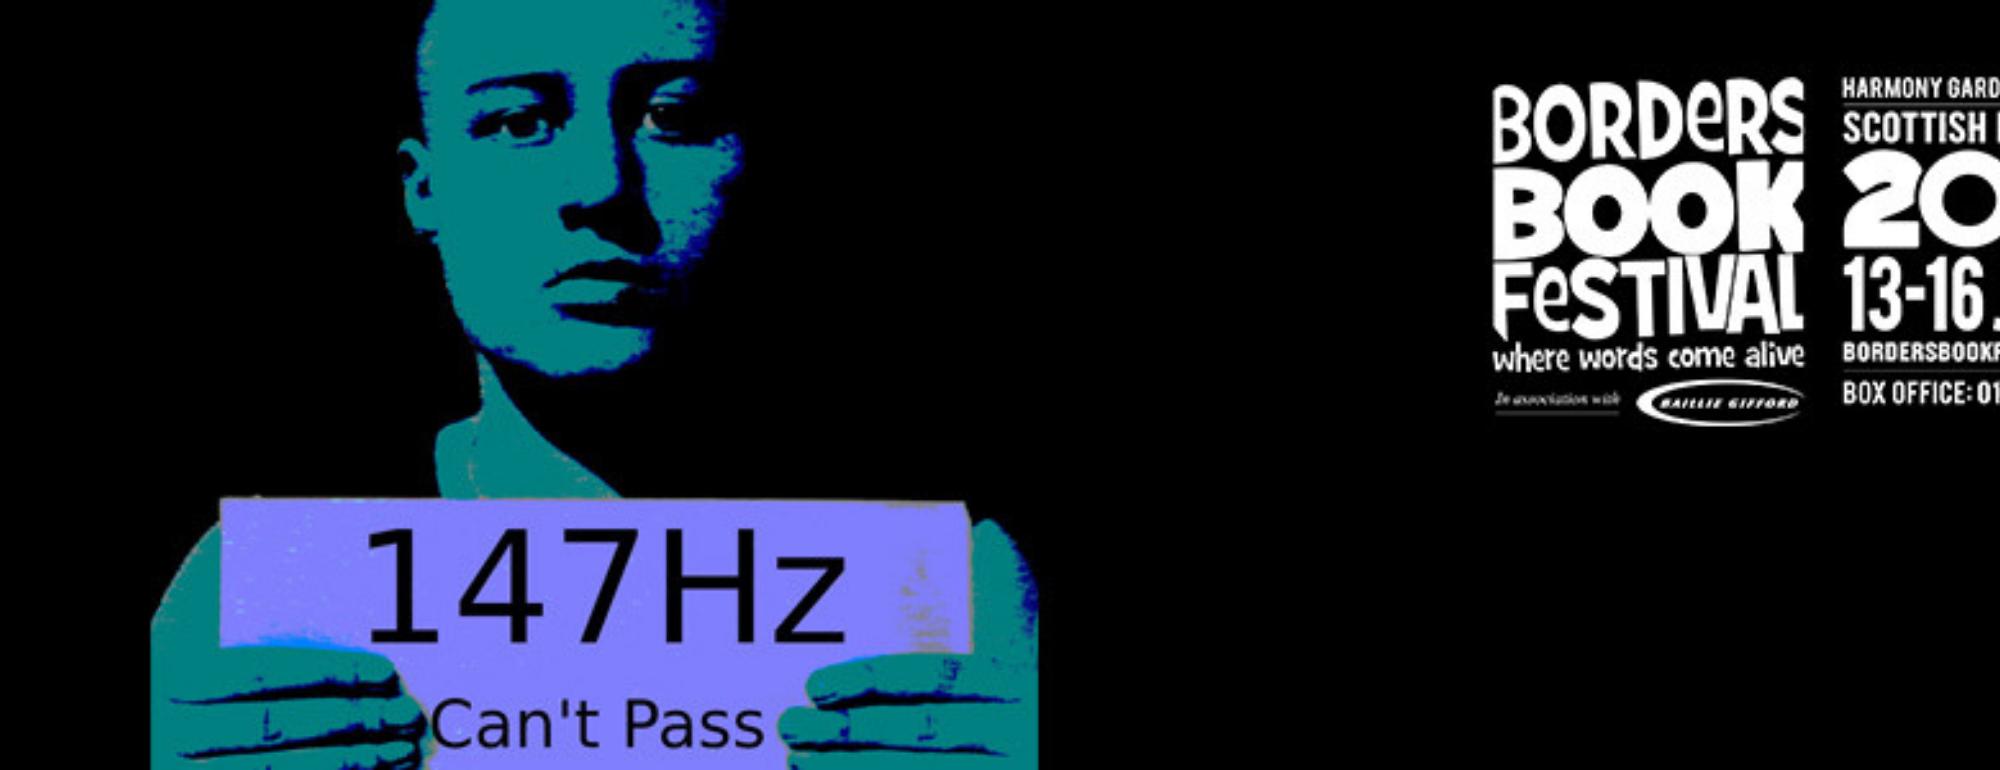 2000x770 147HZ